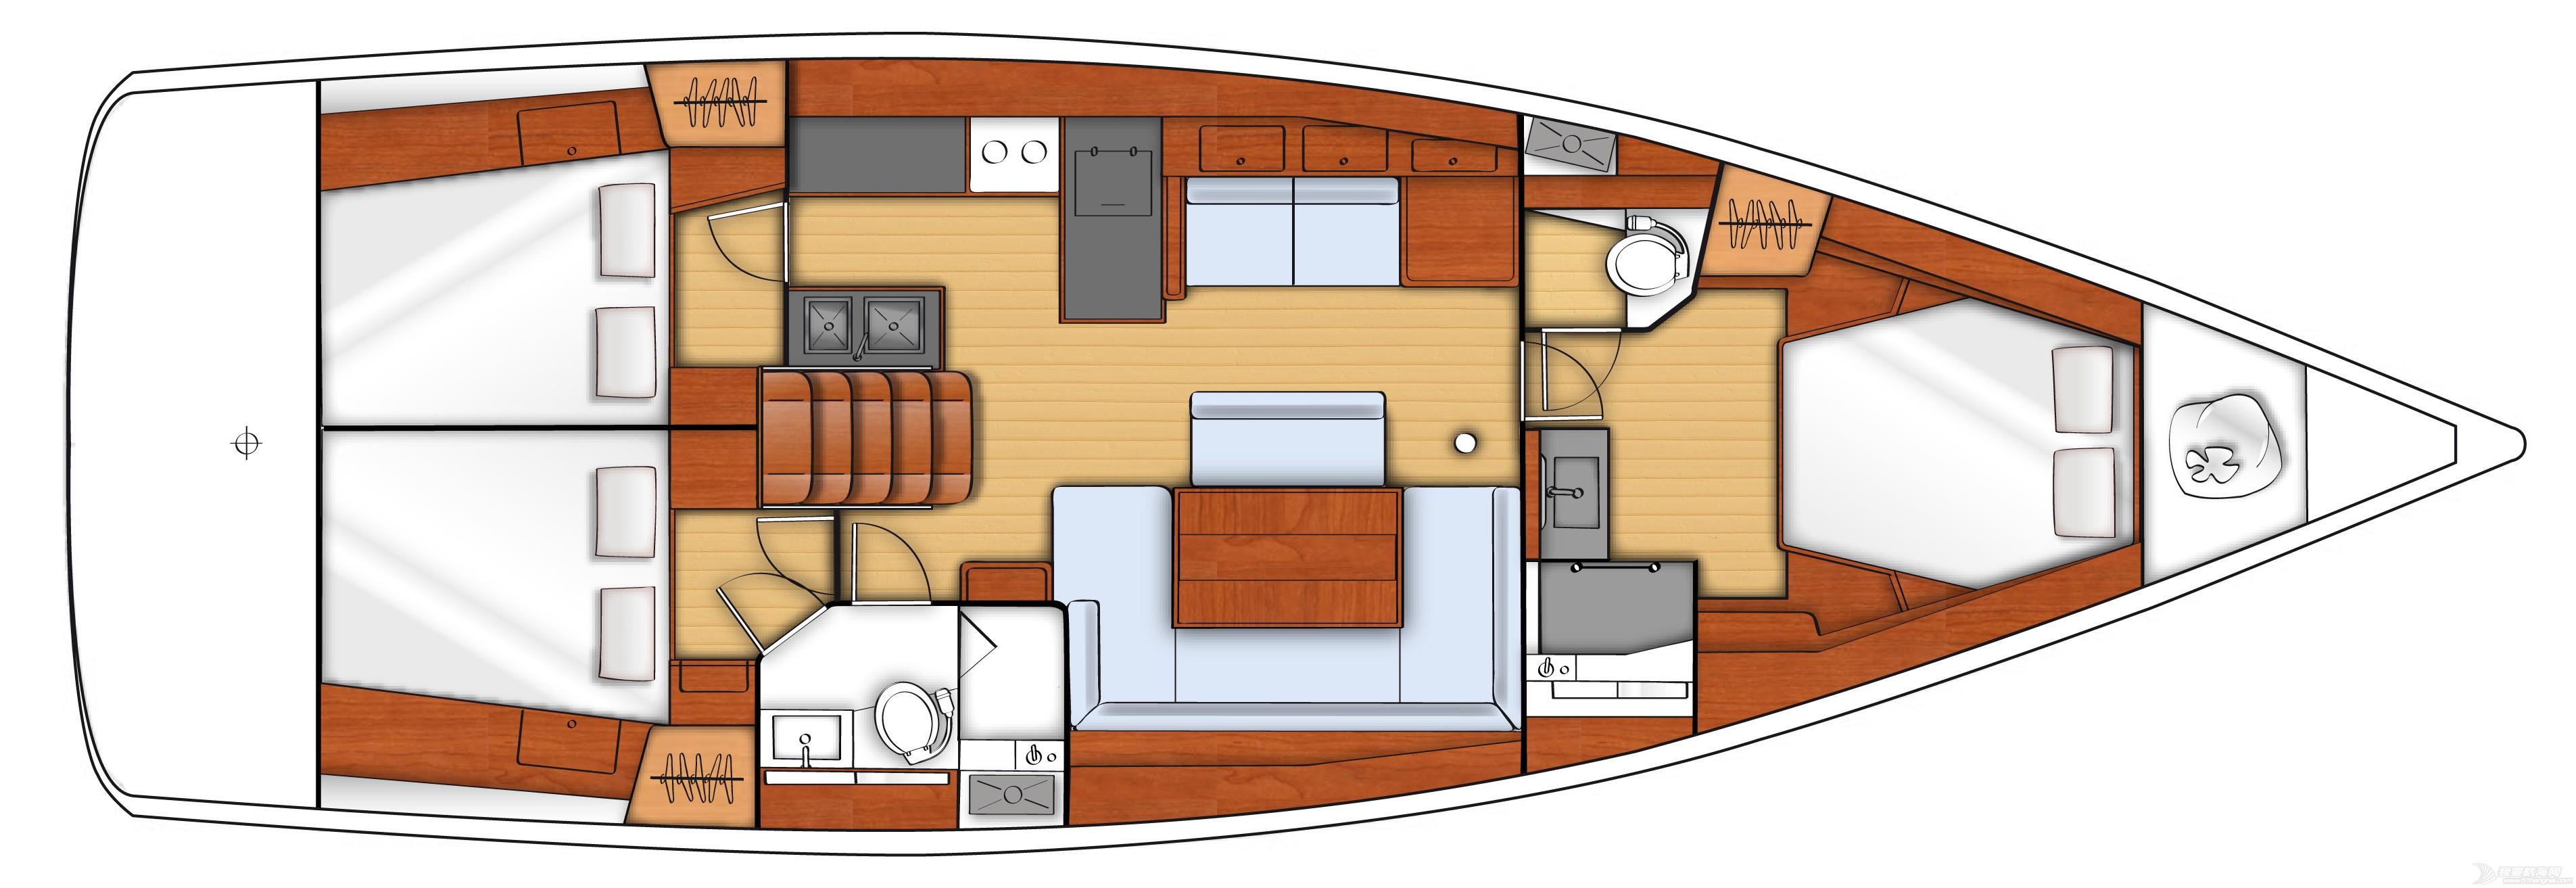 发动机,帆船,空间,型号 Beneteau Oceanis 48博纳多遨享仕48英尺单体帆船 plan-interieur-2.jpg